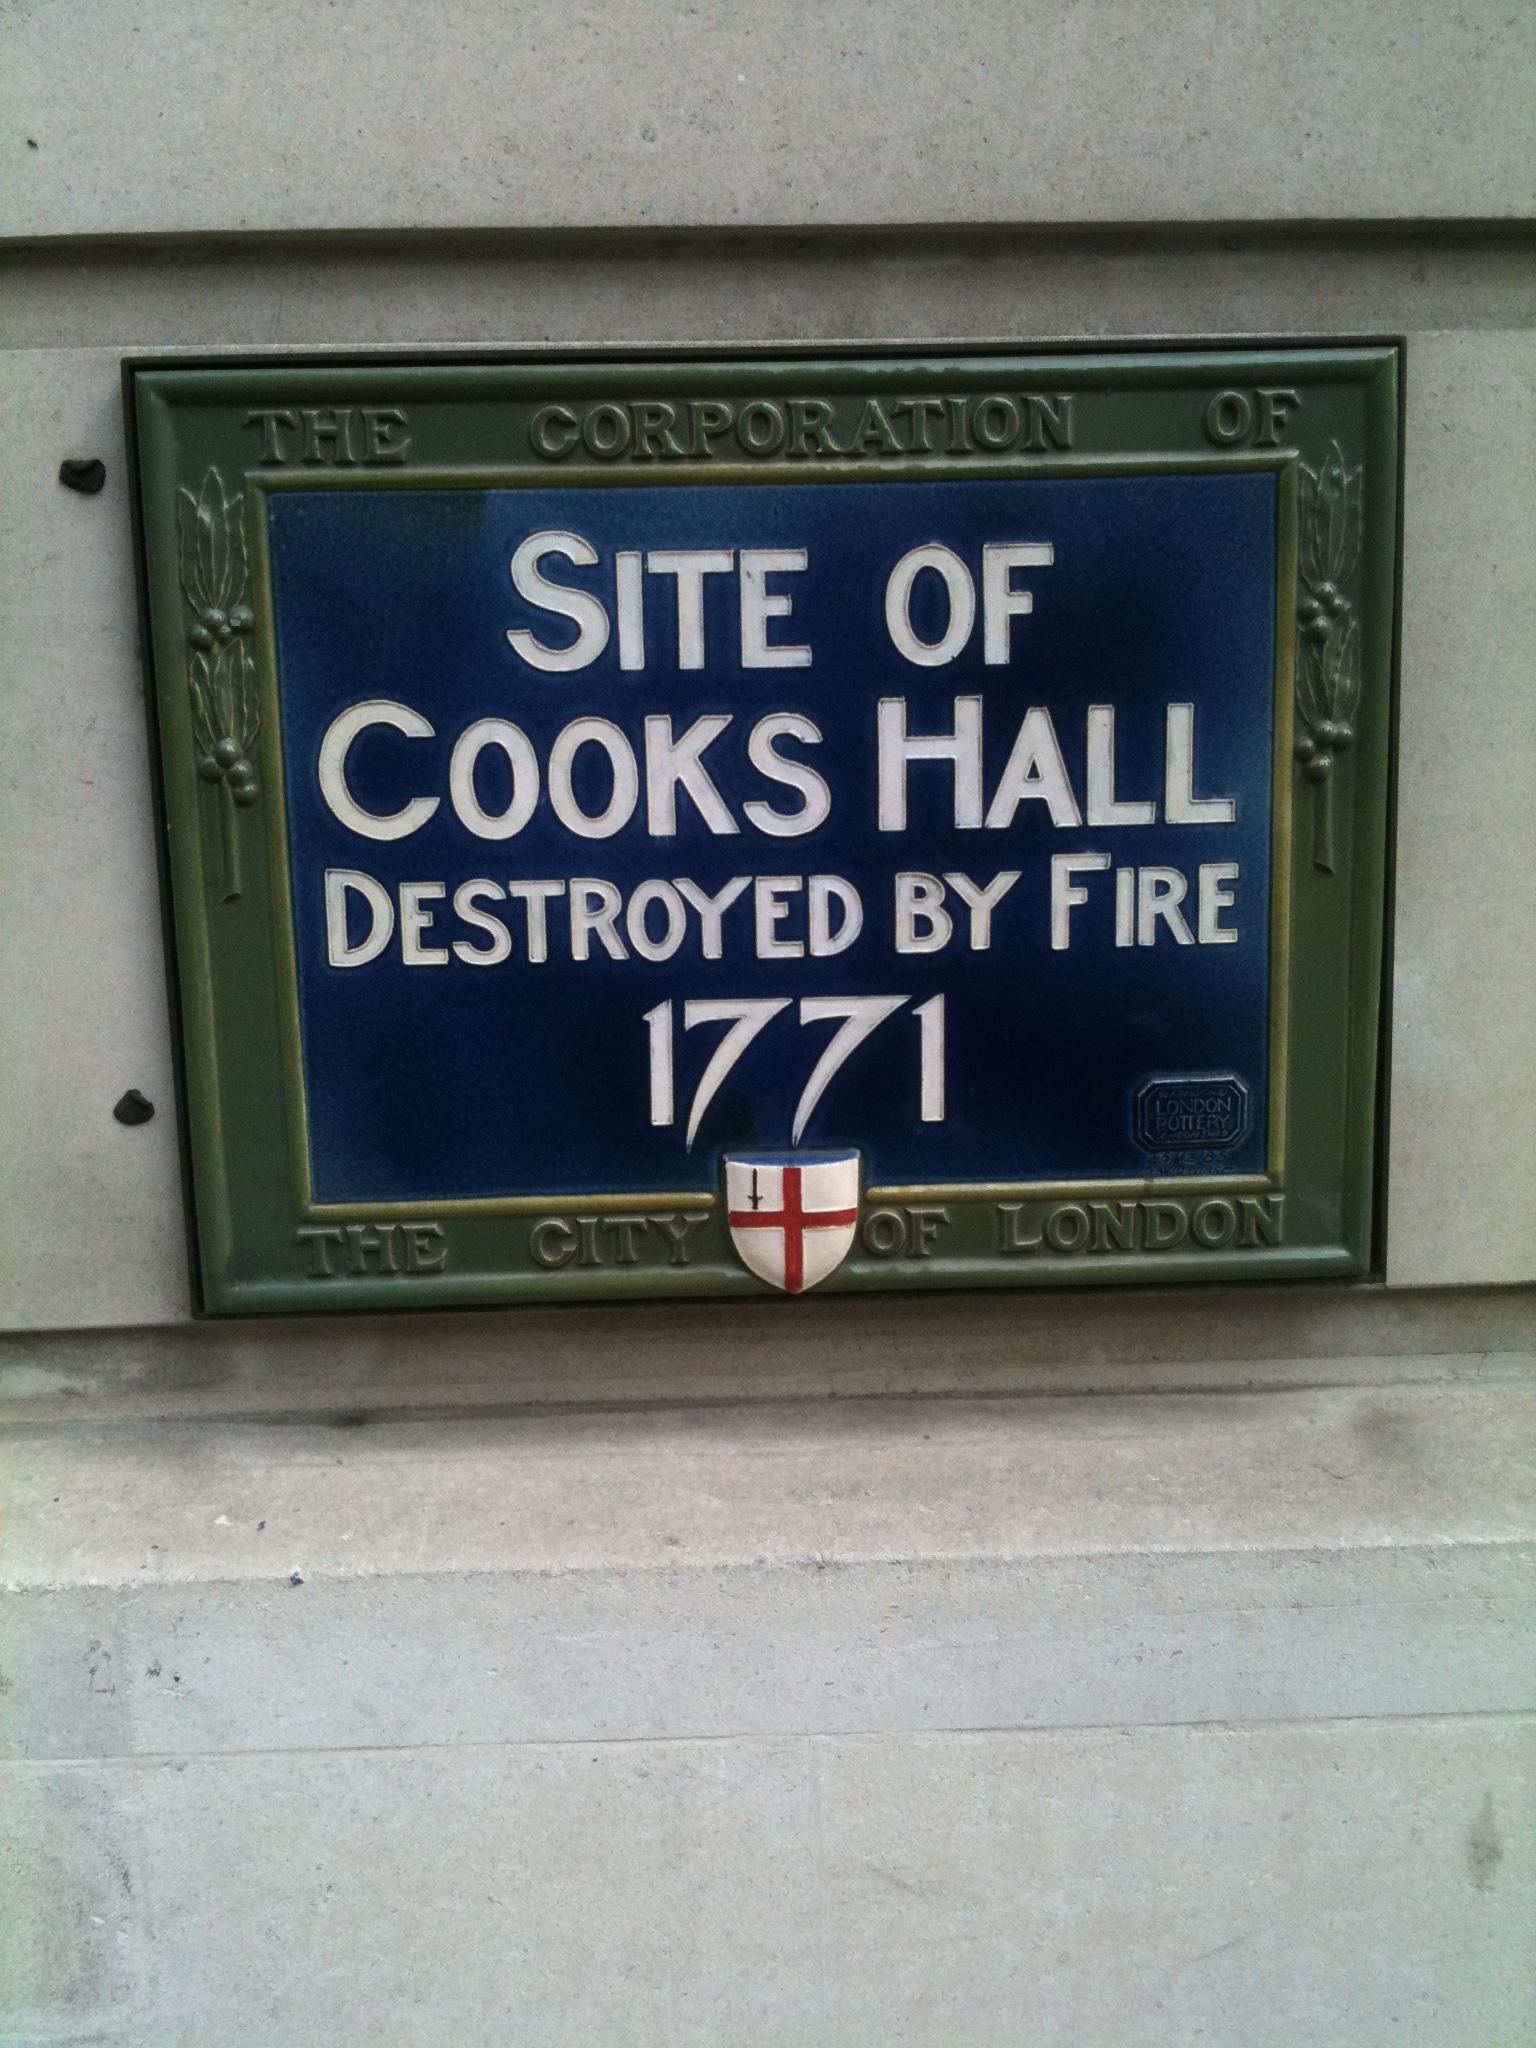 Cook's Hall